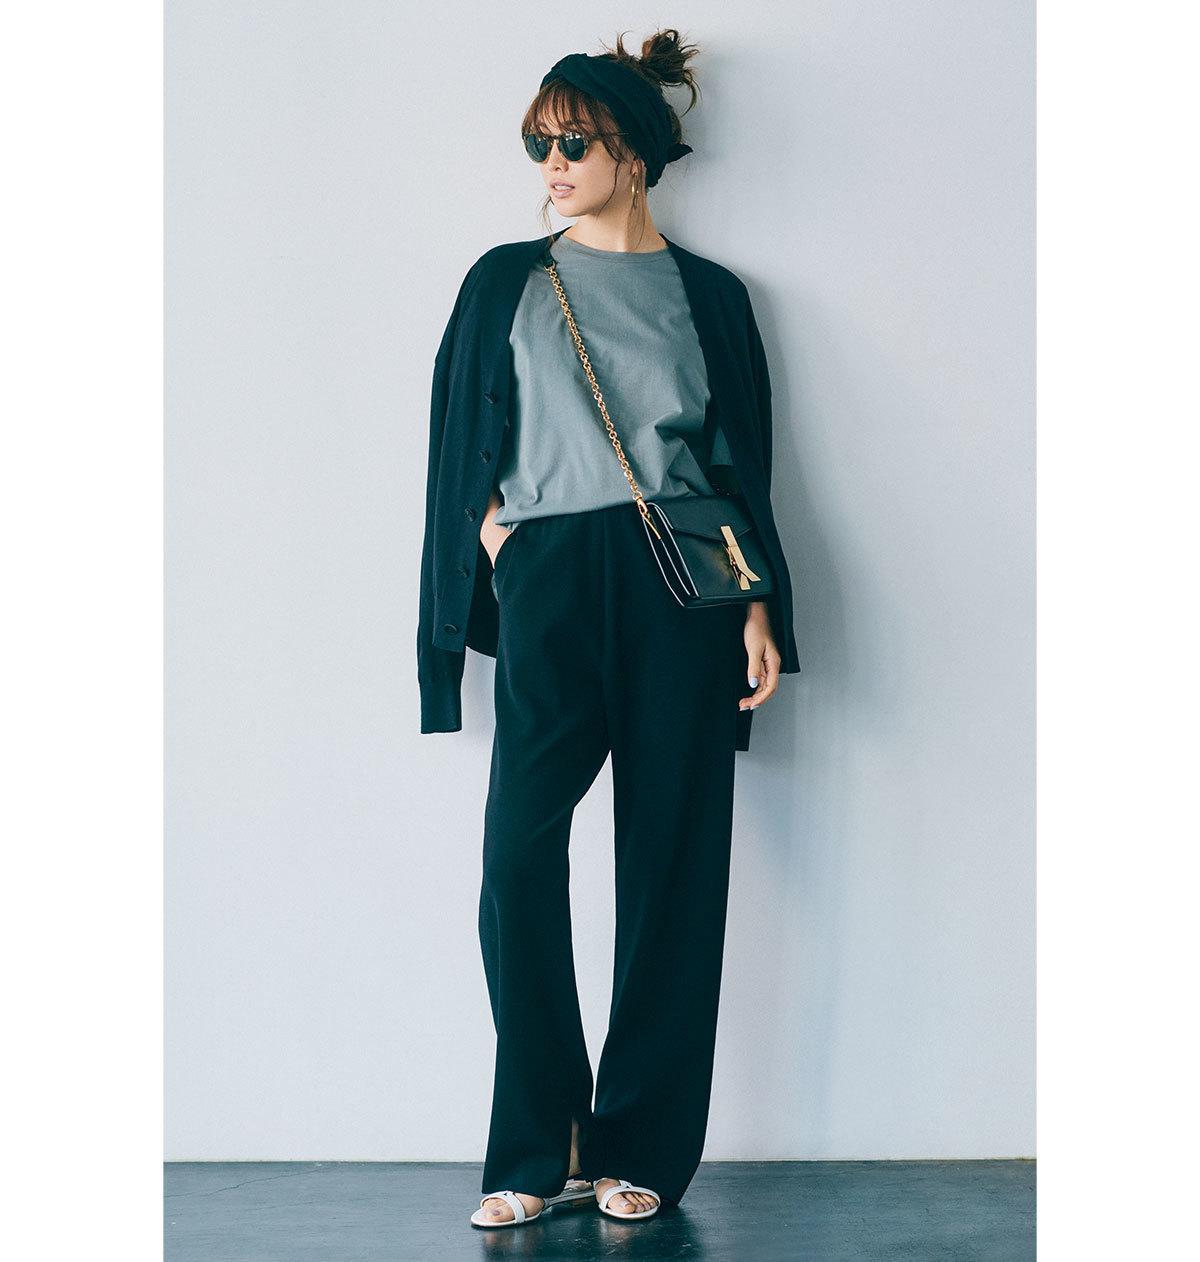 ■エイトンのスモーキーグレーTシャツ × 黒パンツ